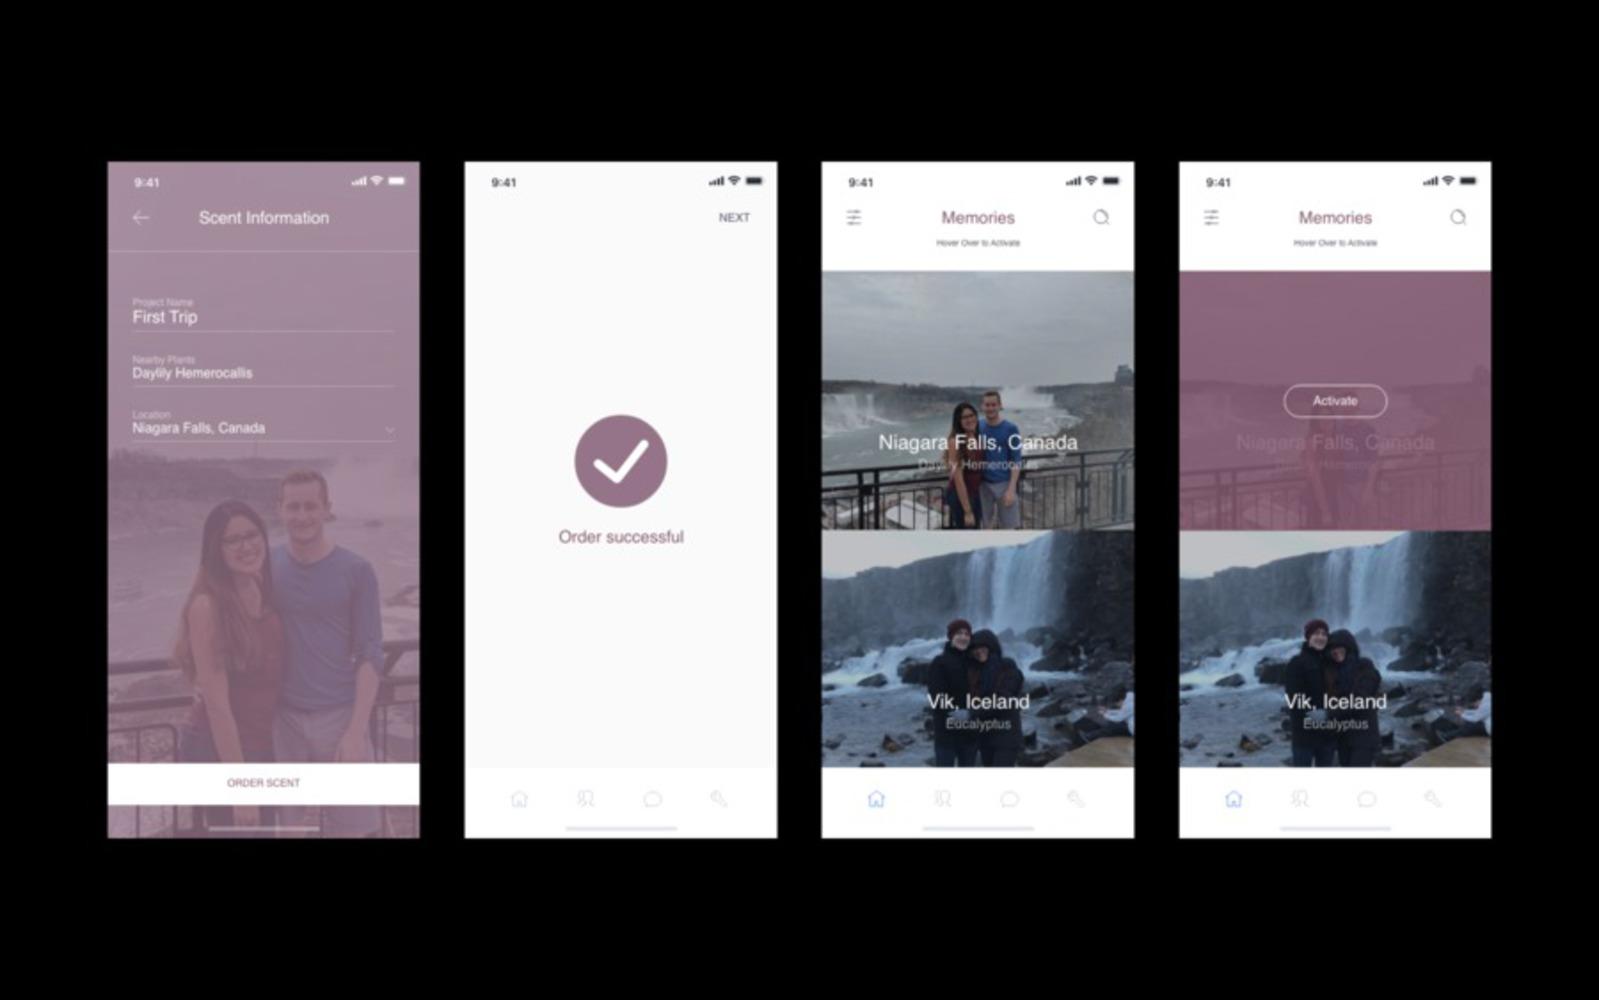 Screen shot 2019 02 12 at 8.48.24 pm.thumb